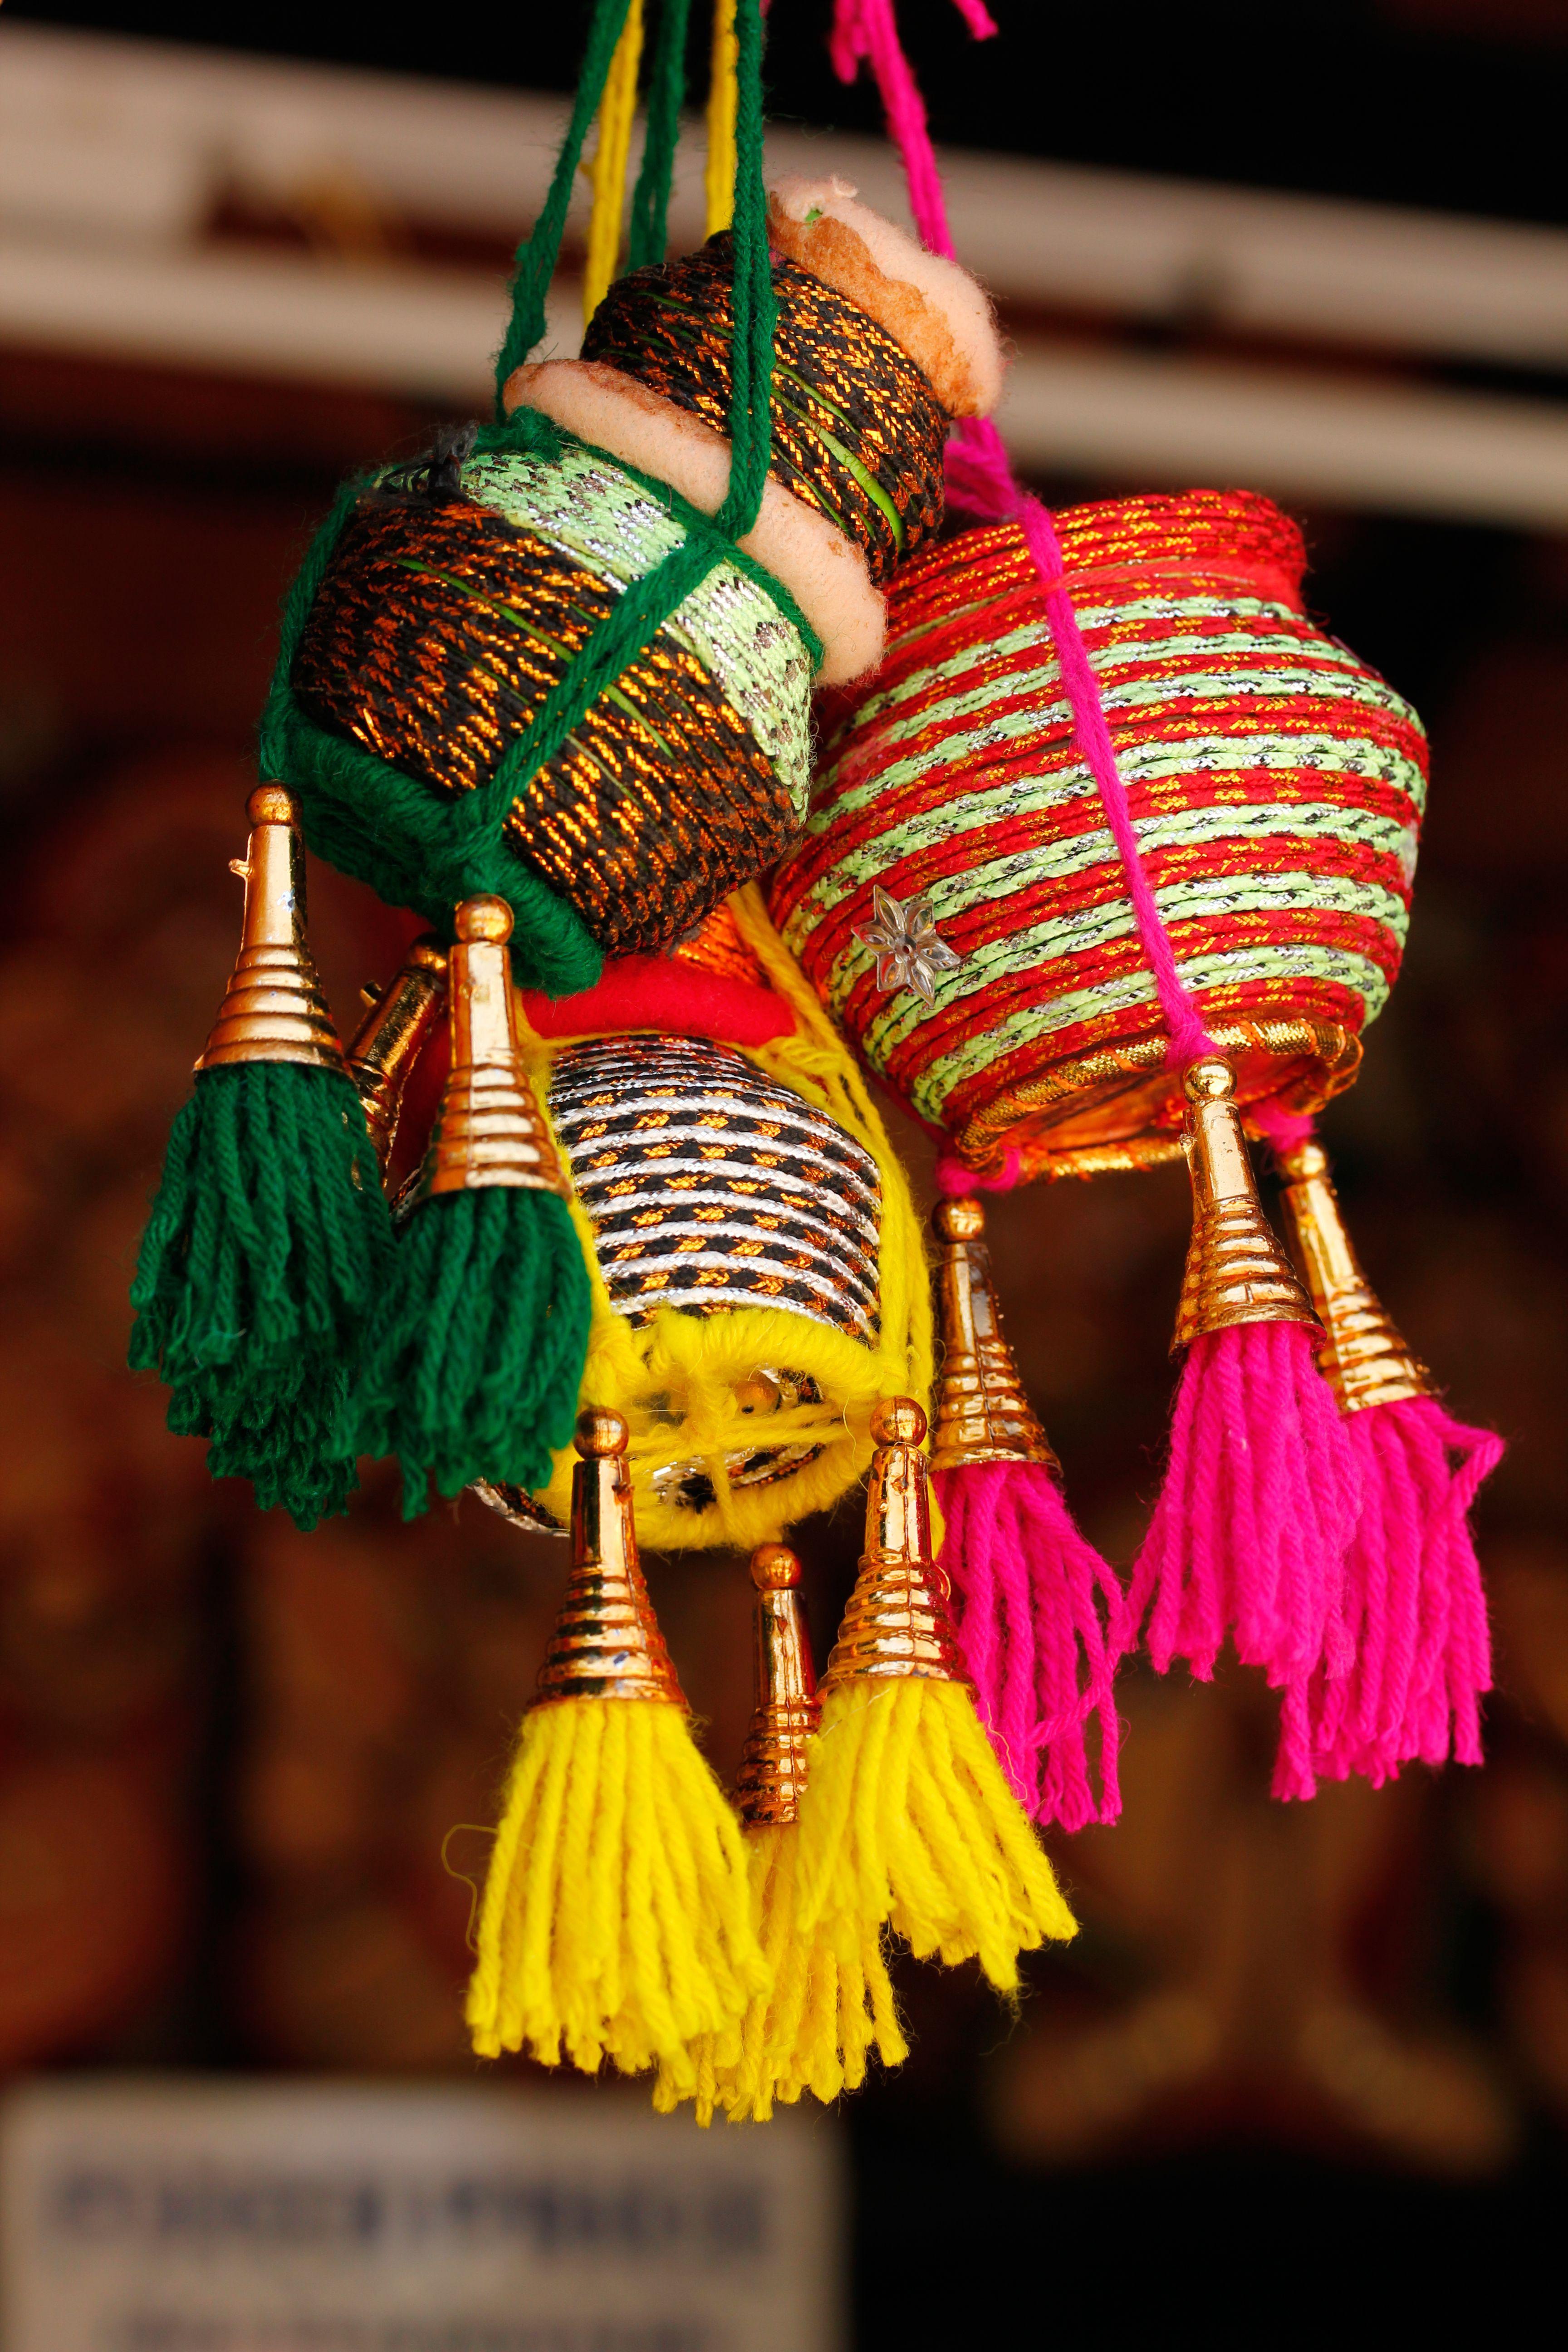 Colorful Handmade Indian Pots Aspiração Inspiração